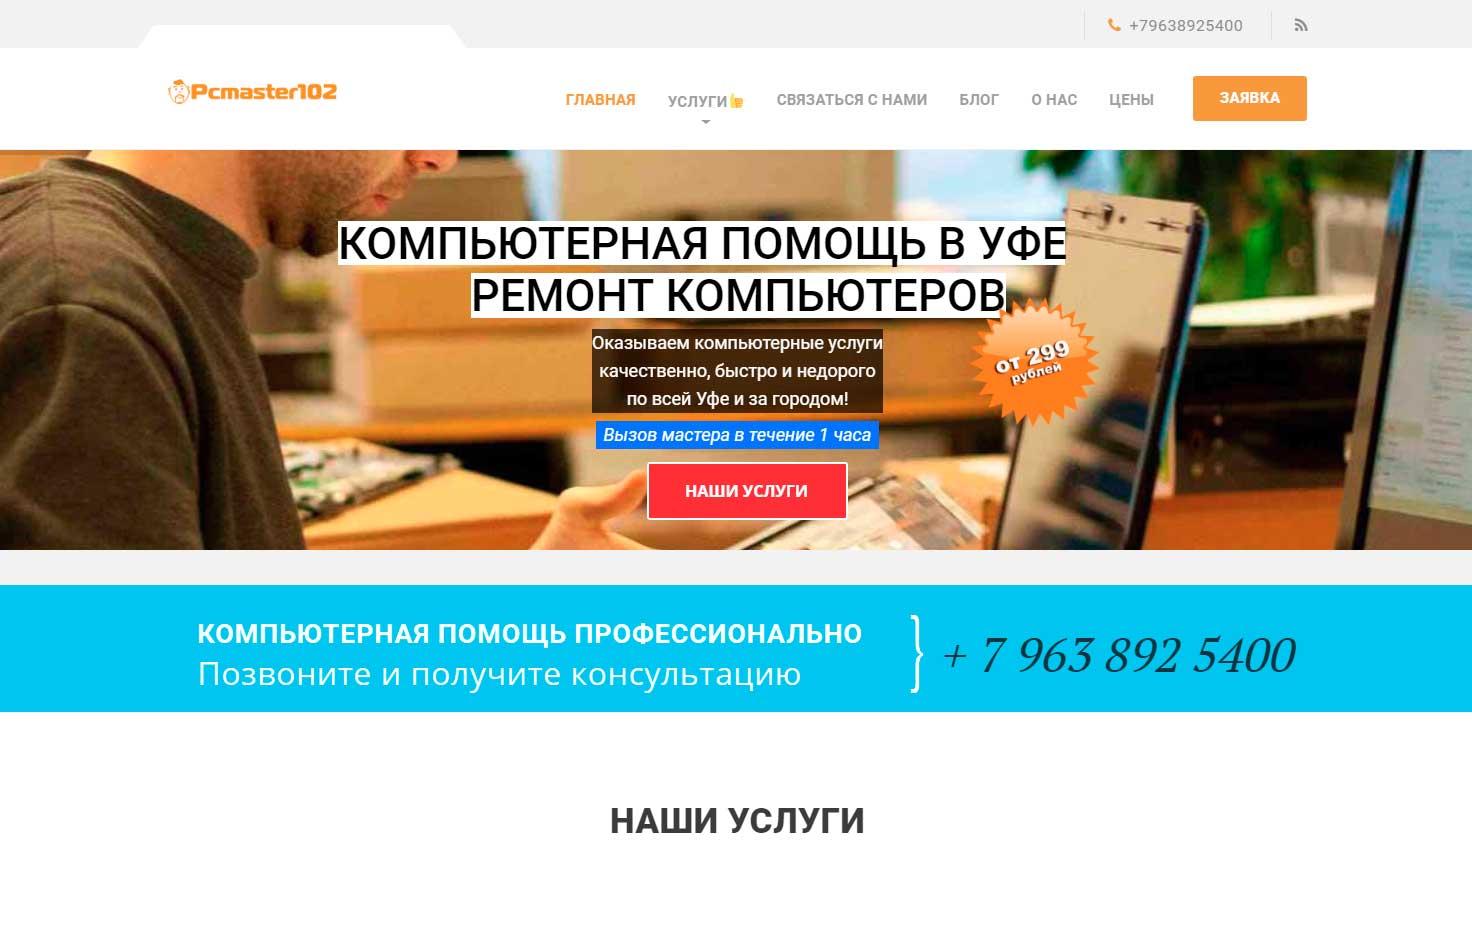 Сайт компьютерной помощи